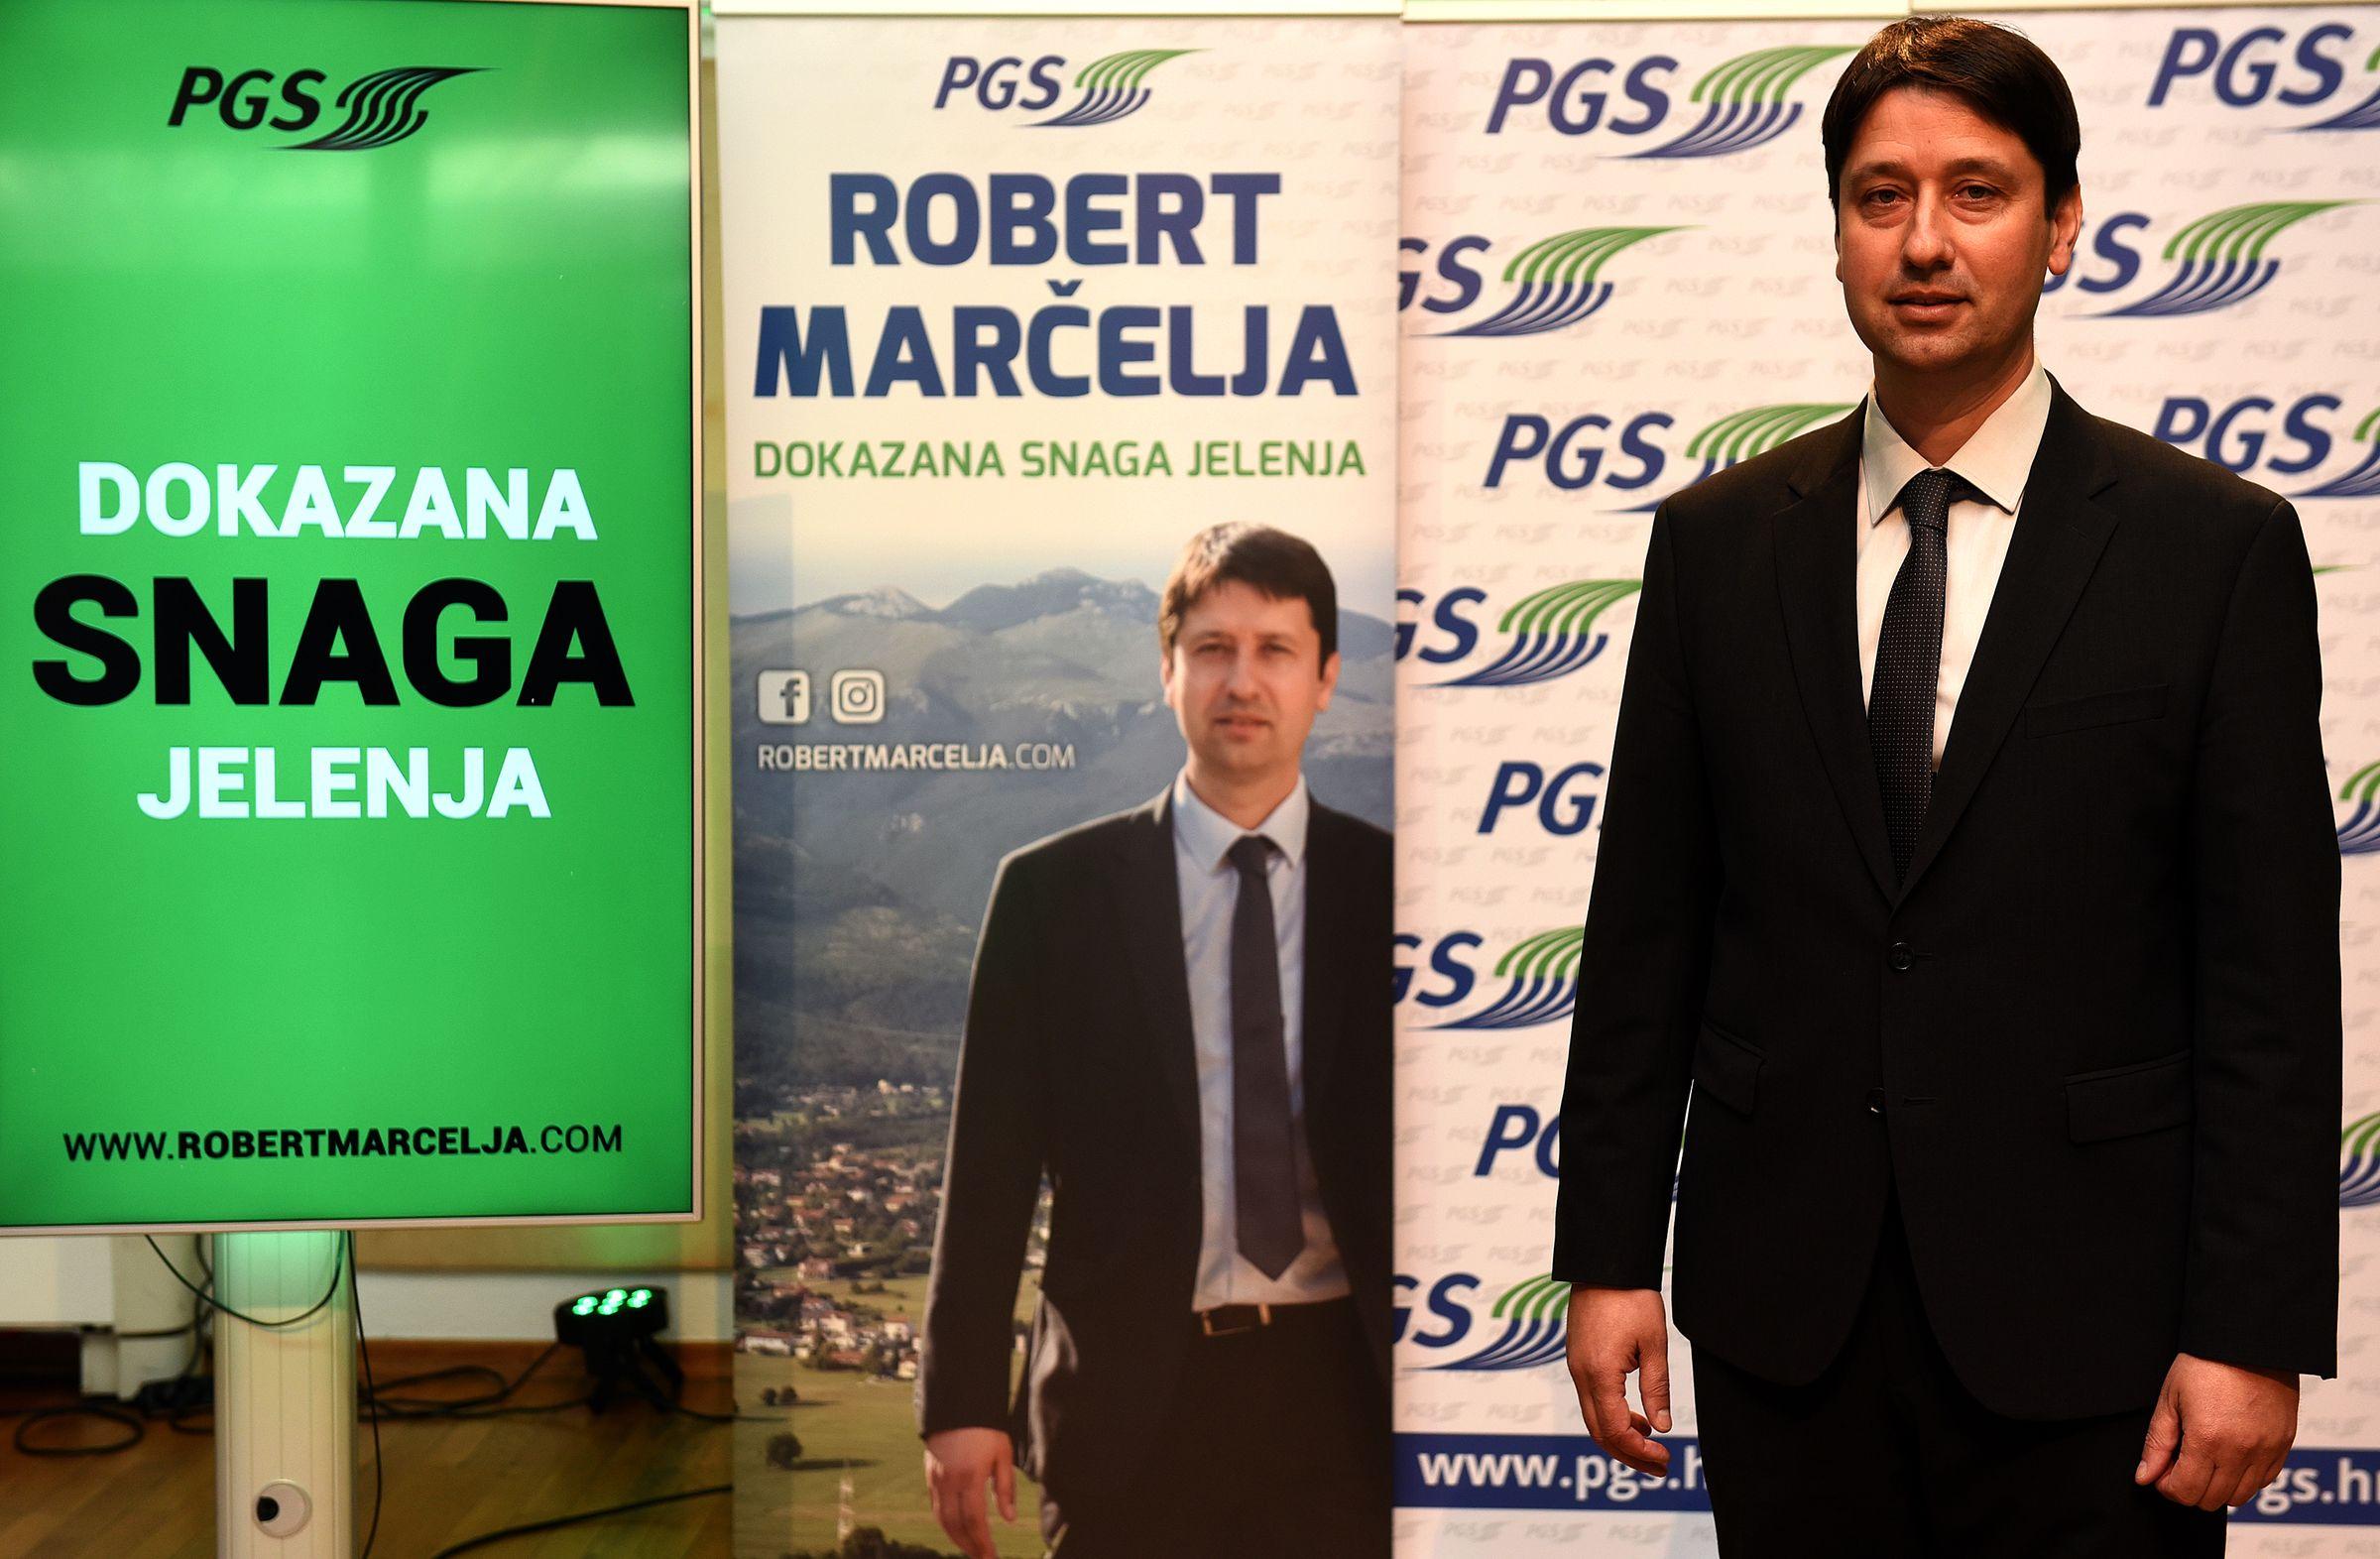 Robert Marčelja: Niz je pokazatelja da idemo pravim putem